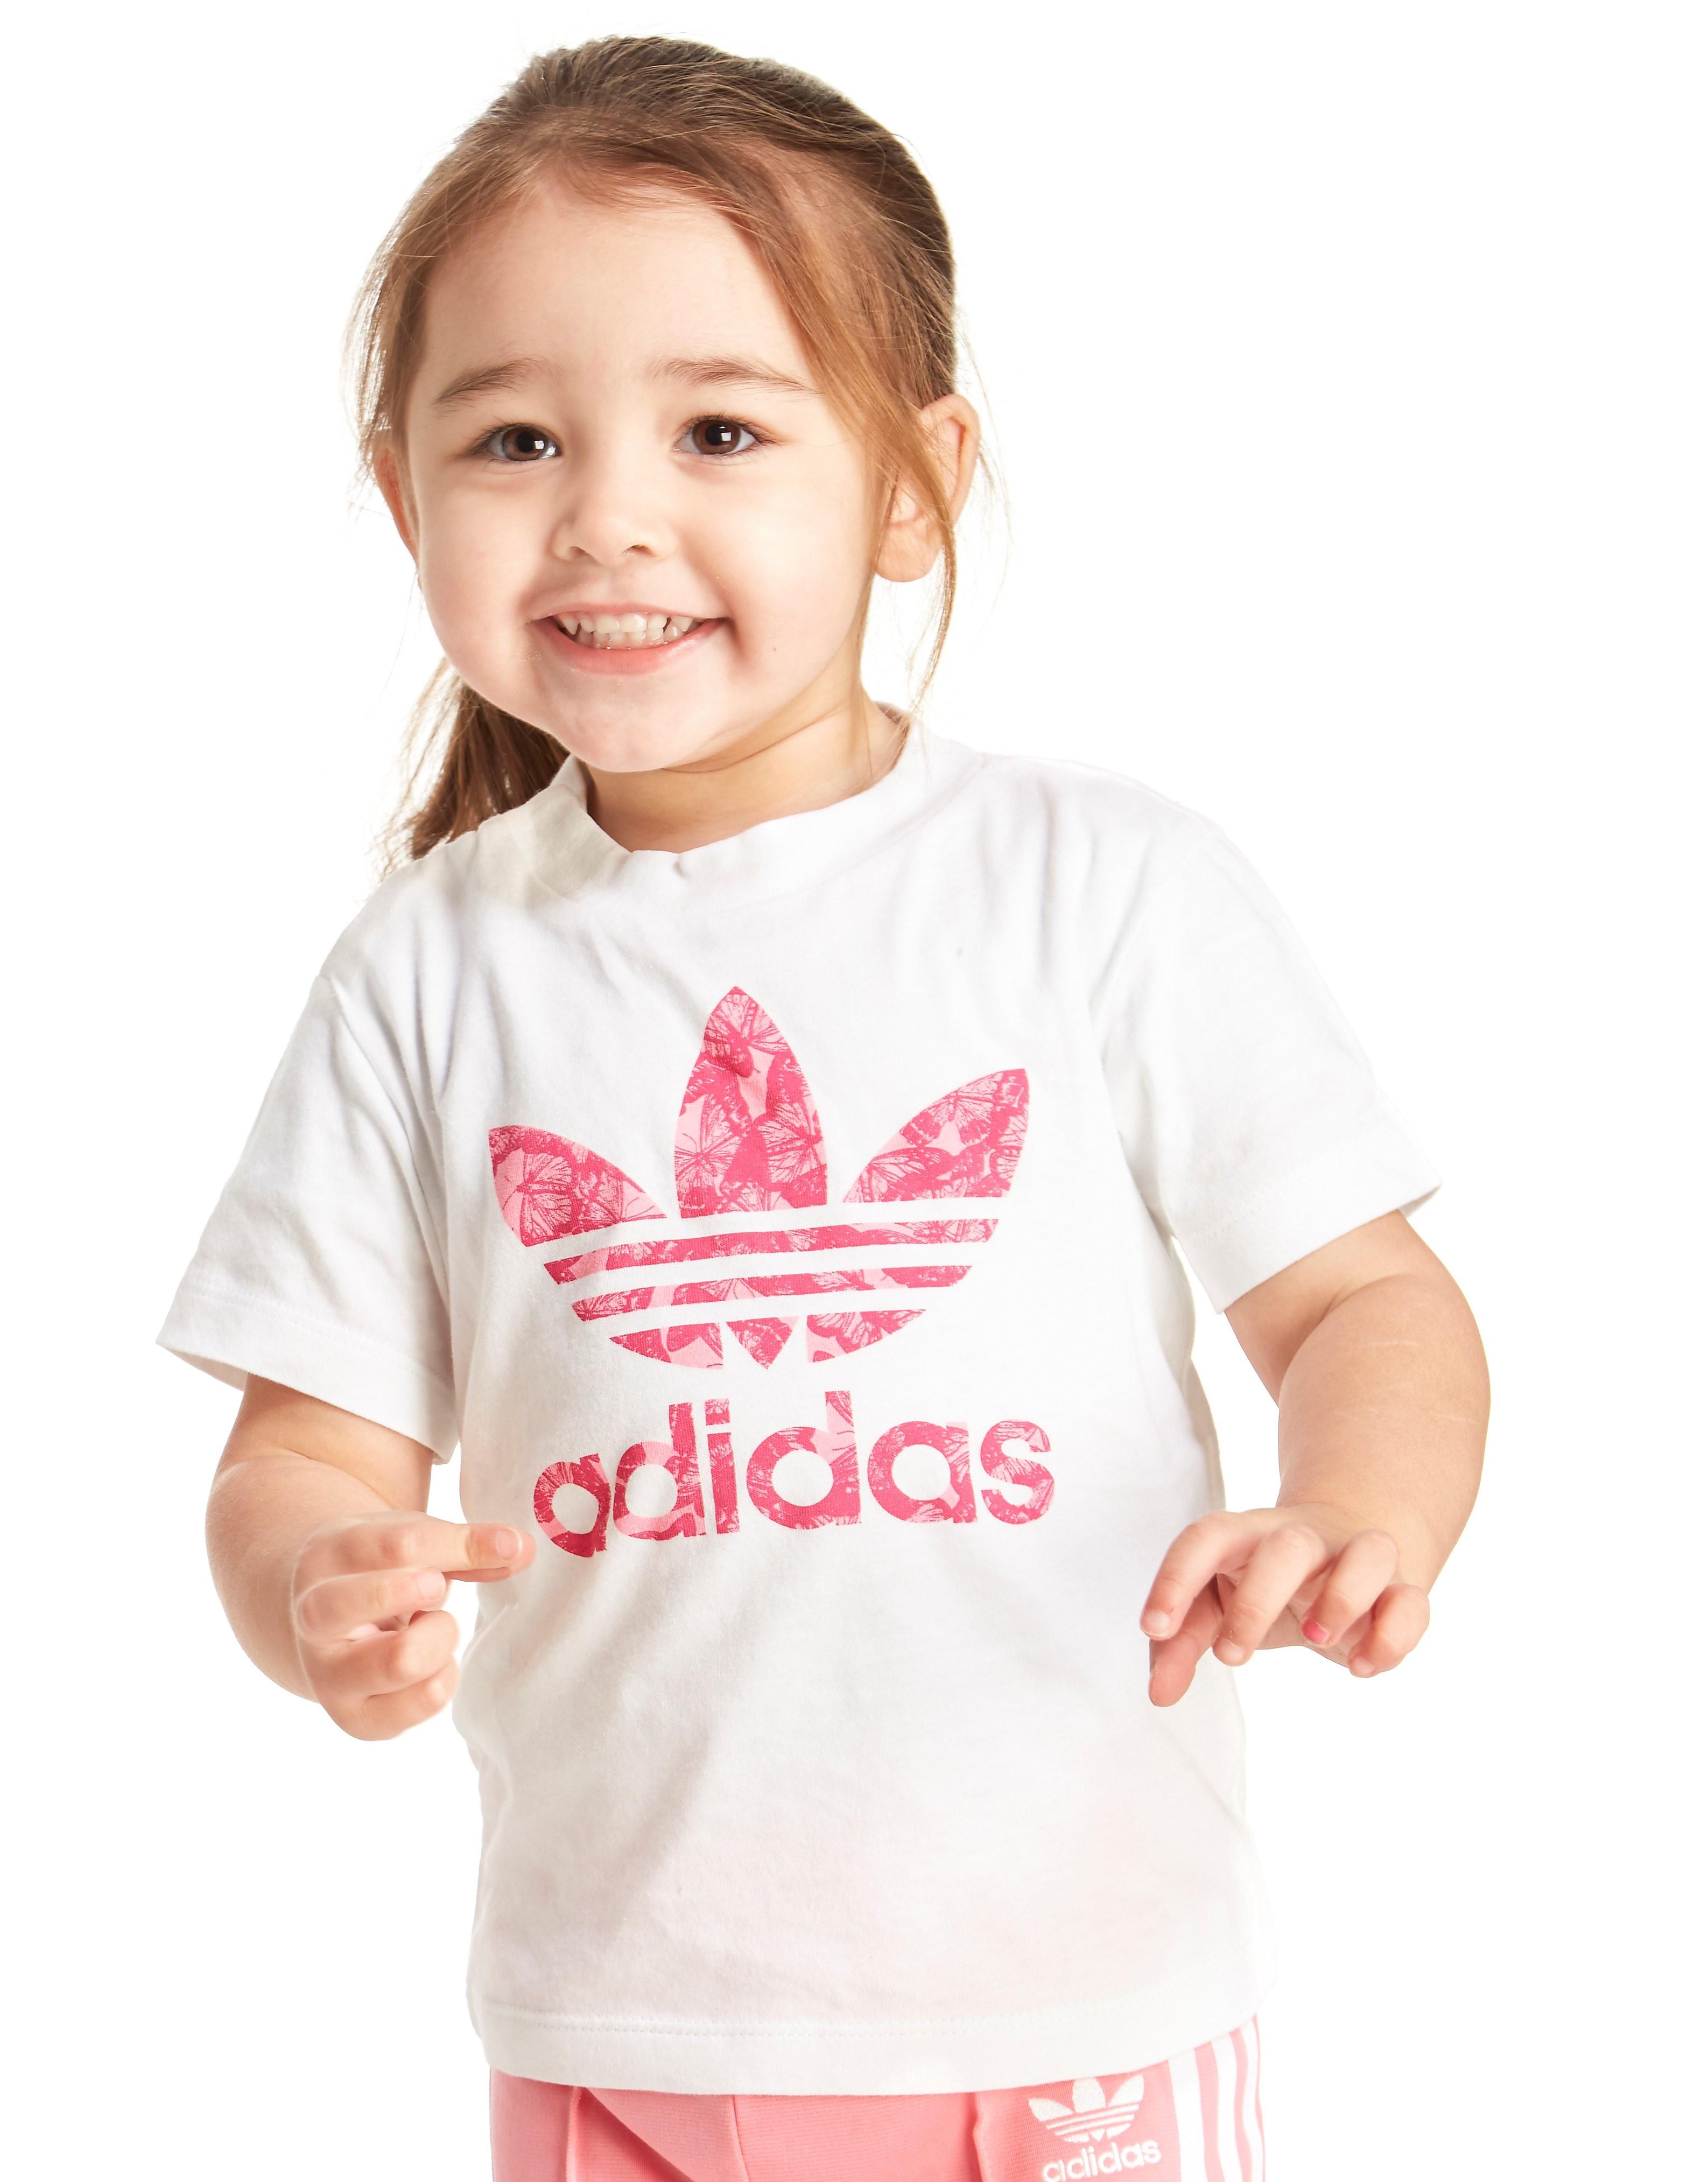 adidas Originals Trefoil Flock småbørns-T-Shirt til piger